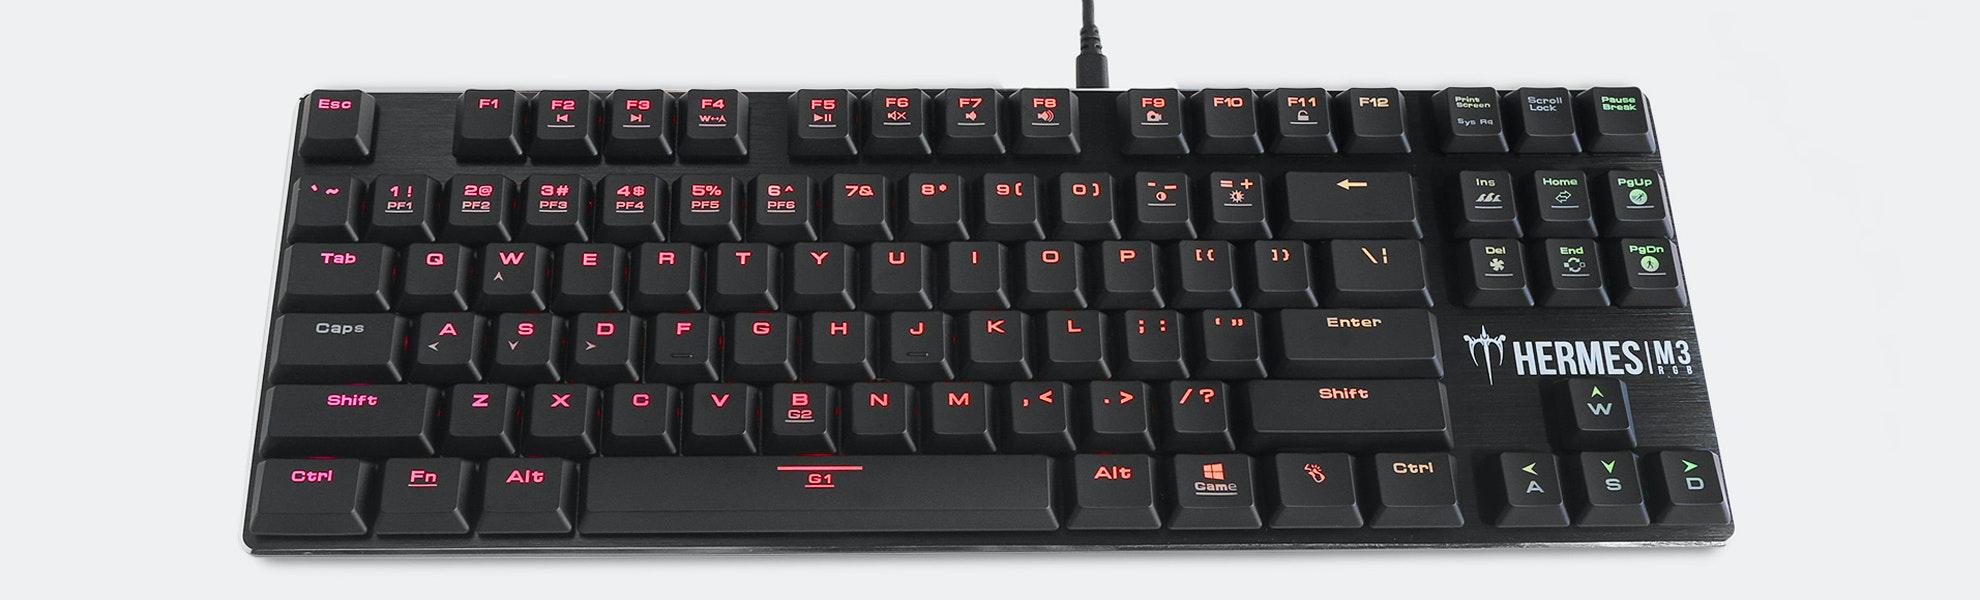 Gamdias Hermes M3 RGB Low-Profile Gaming Keyboard